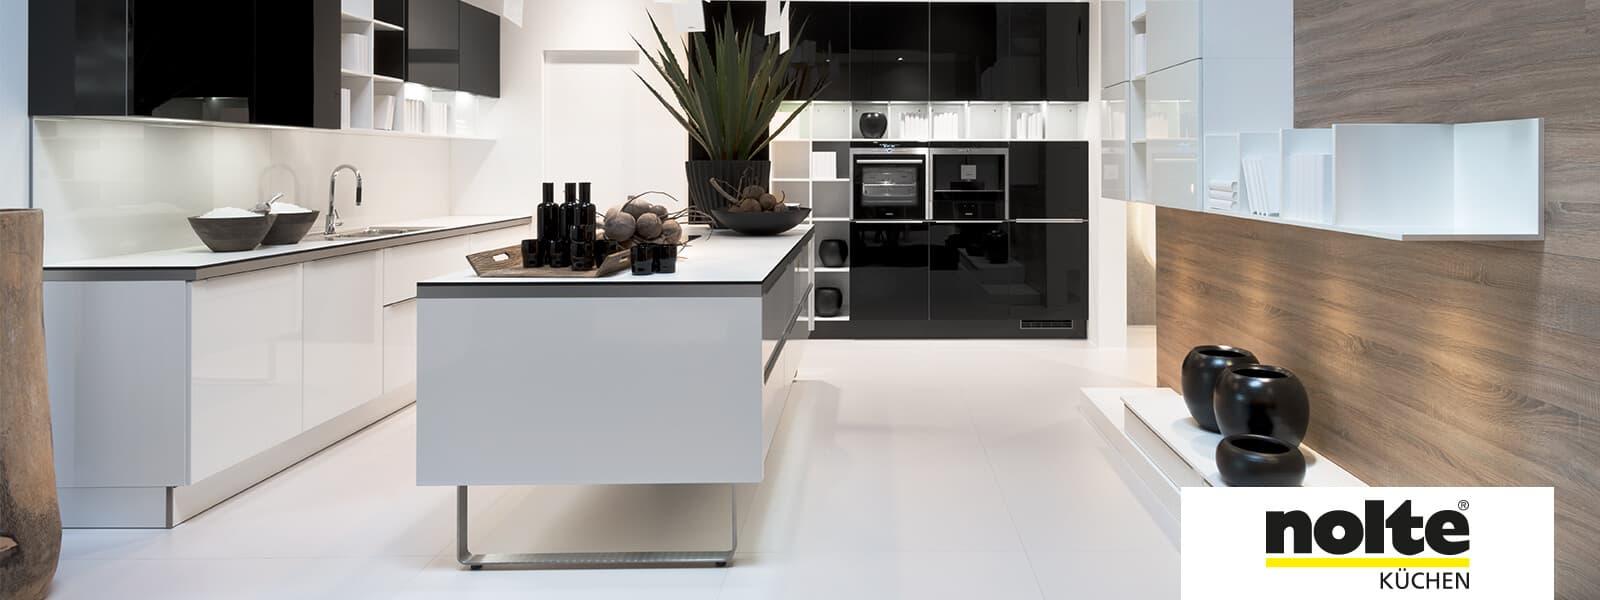 Nolte Glas Tec Plus Küche: Einzigartig durch Echtglasfronten